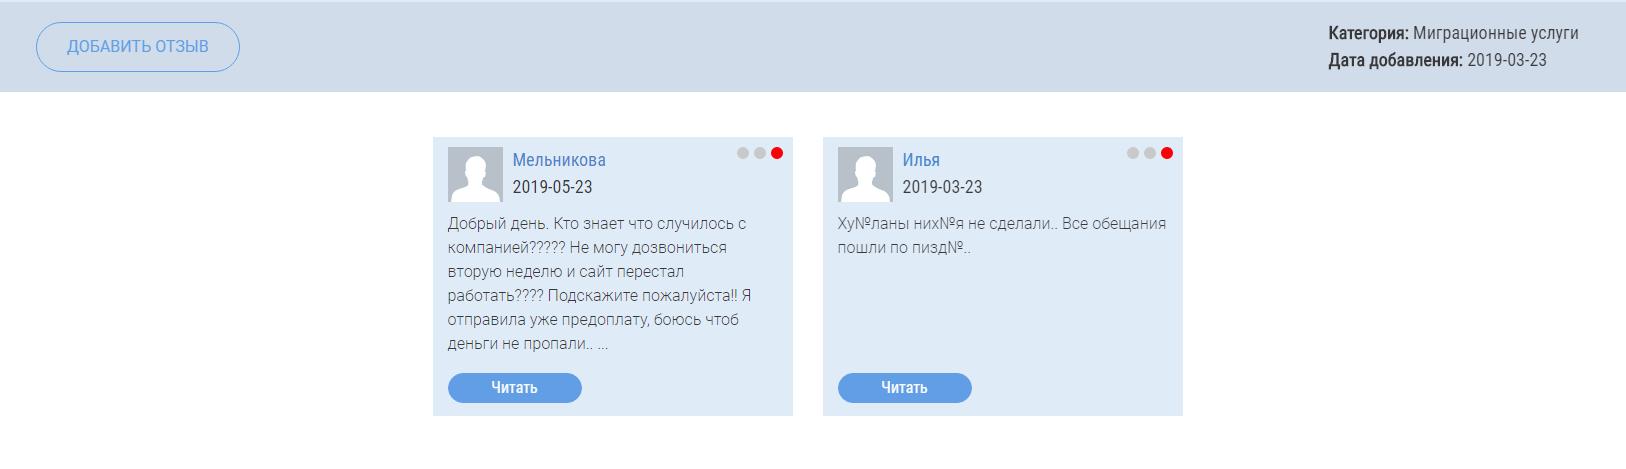 Отзывы о Аscaniya на glav-otzyv.ru